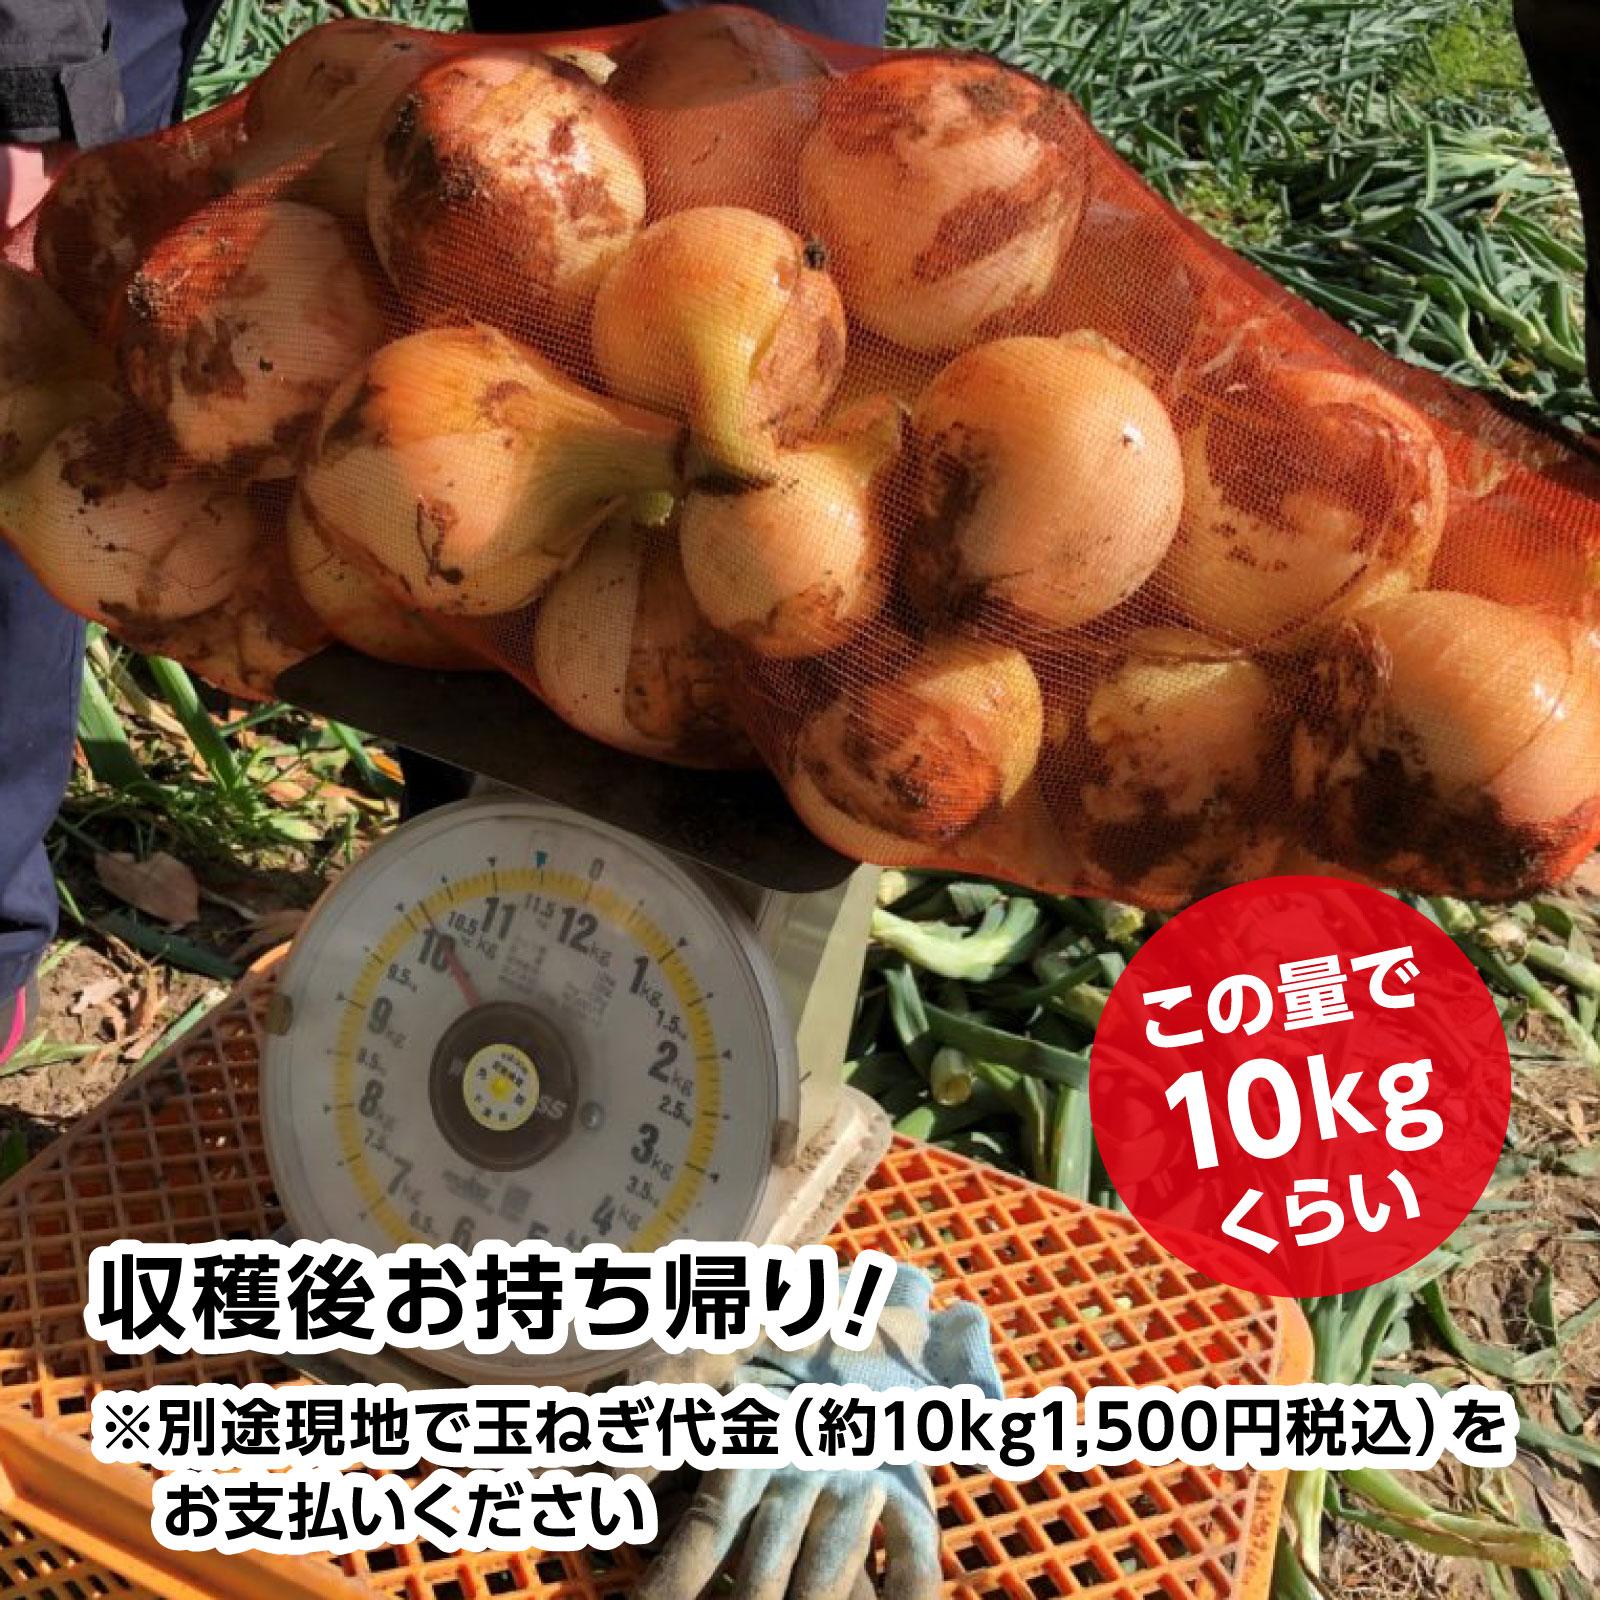 """細谷農園""""白子たまねぎ狩り"""""""